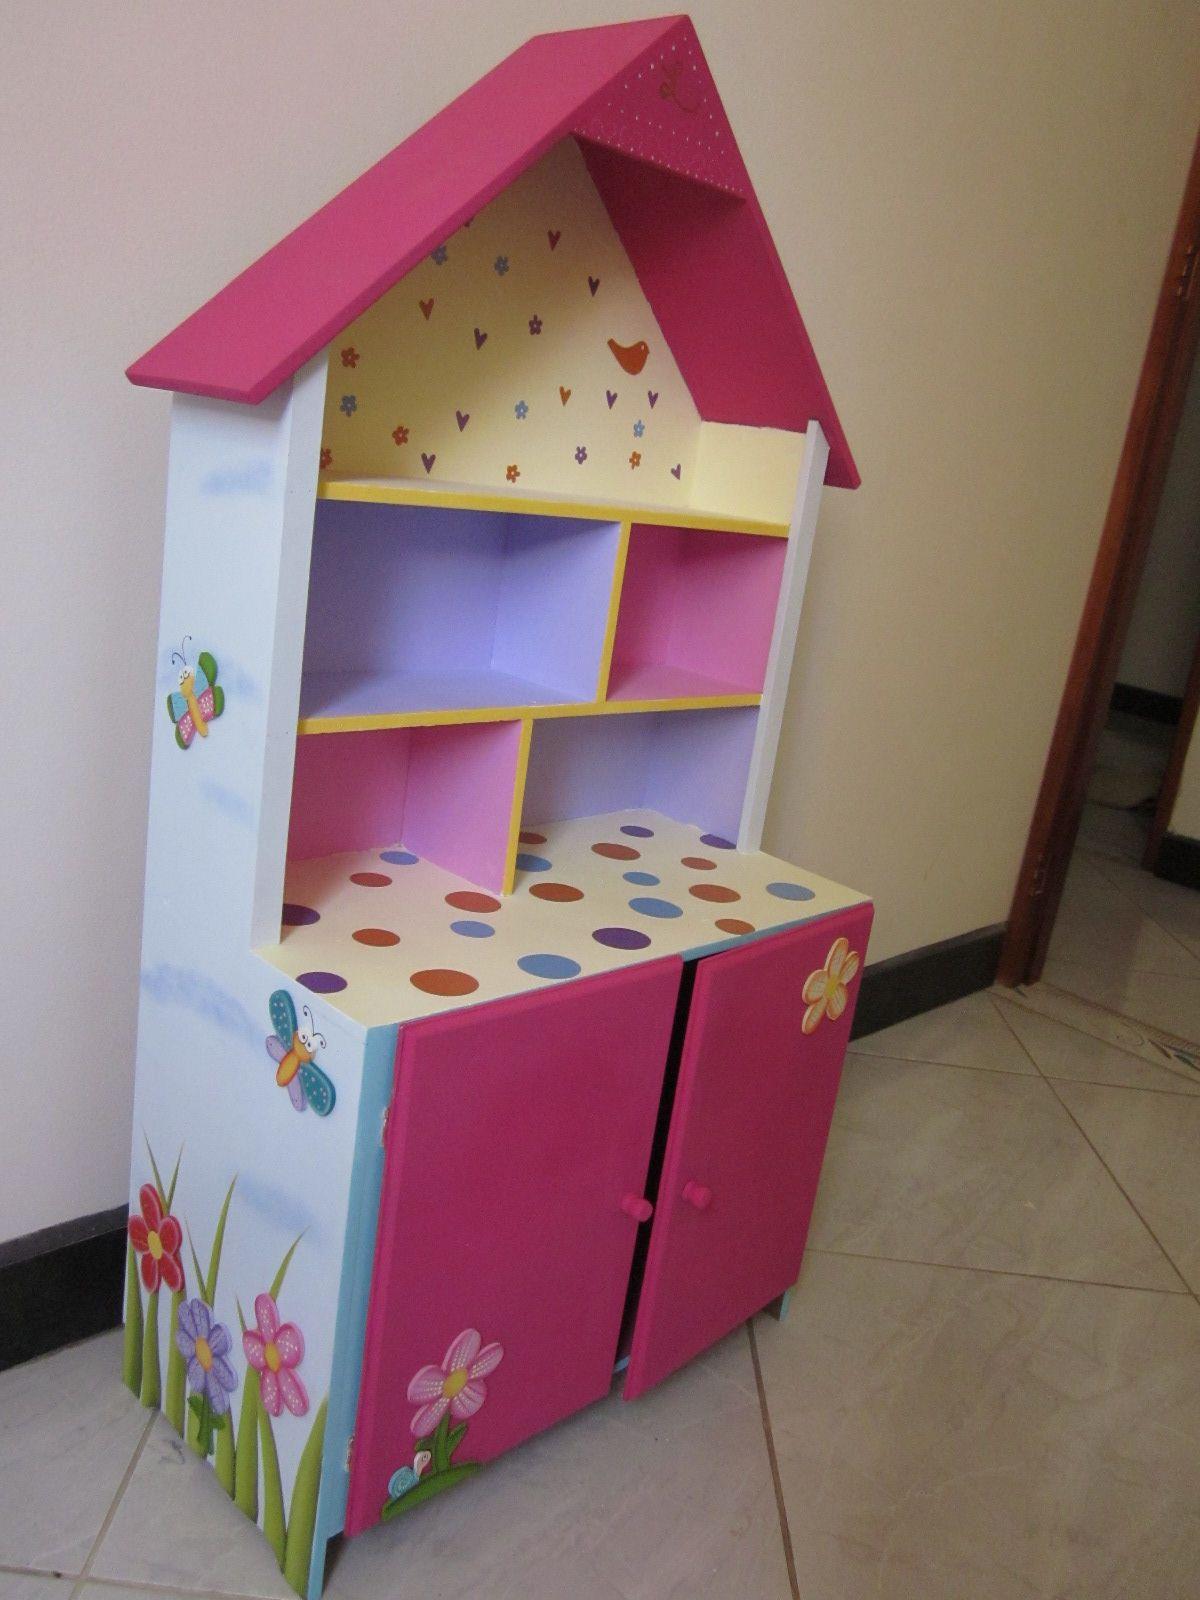 Casita De Muñecas Para Luciana Pintada En Acrílicos Y Con Decoraciones De Vinilo Medidas 1m X 0 7 M X 0 Muebles Para Niños Muebles Niños Muebles De Cartón